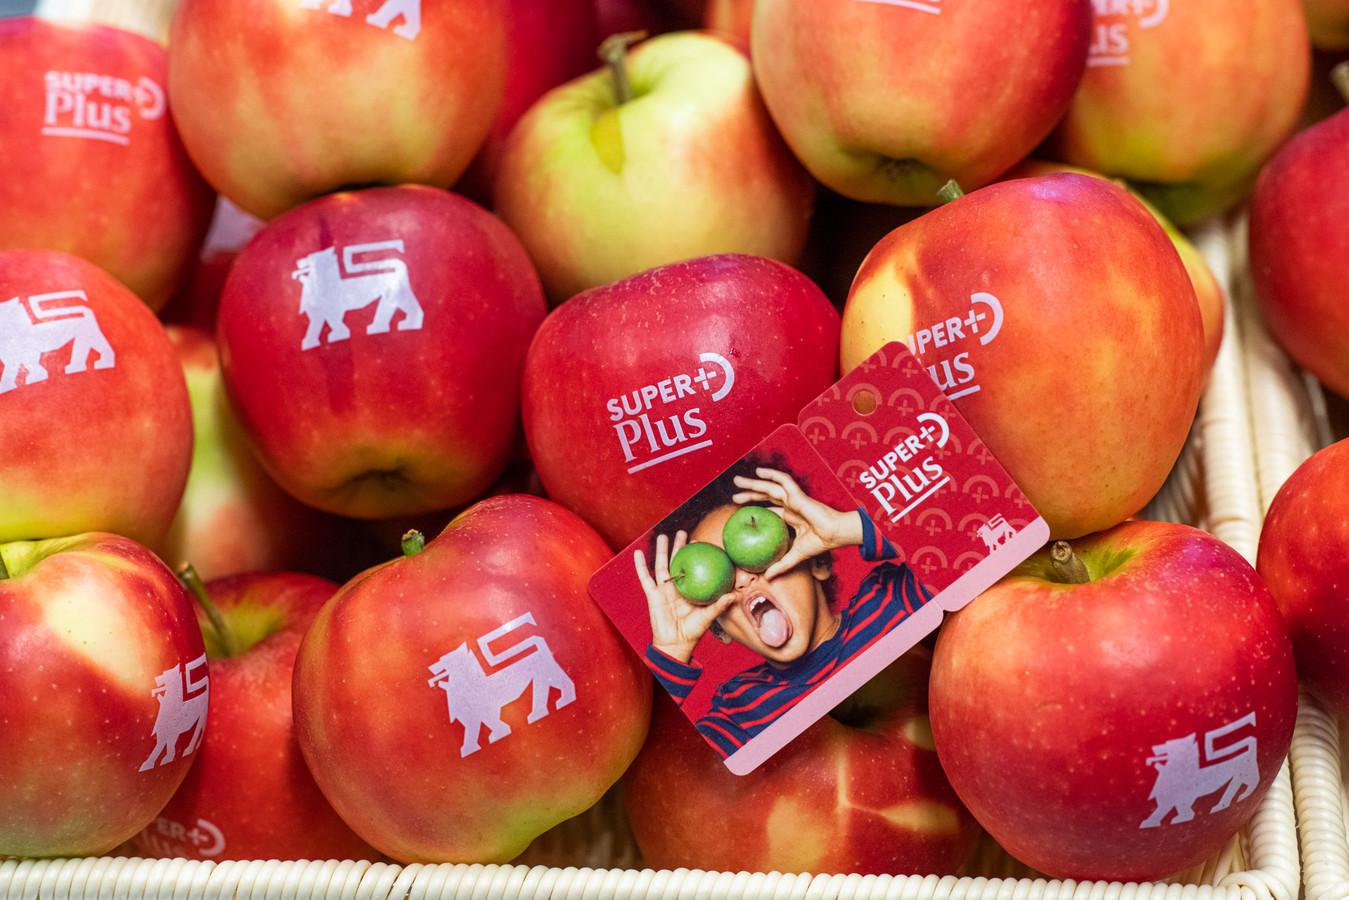 Appels met het Delhaize-logo bij de lancering van de SuperPluskaart.